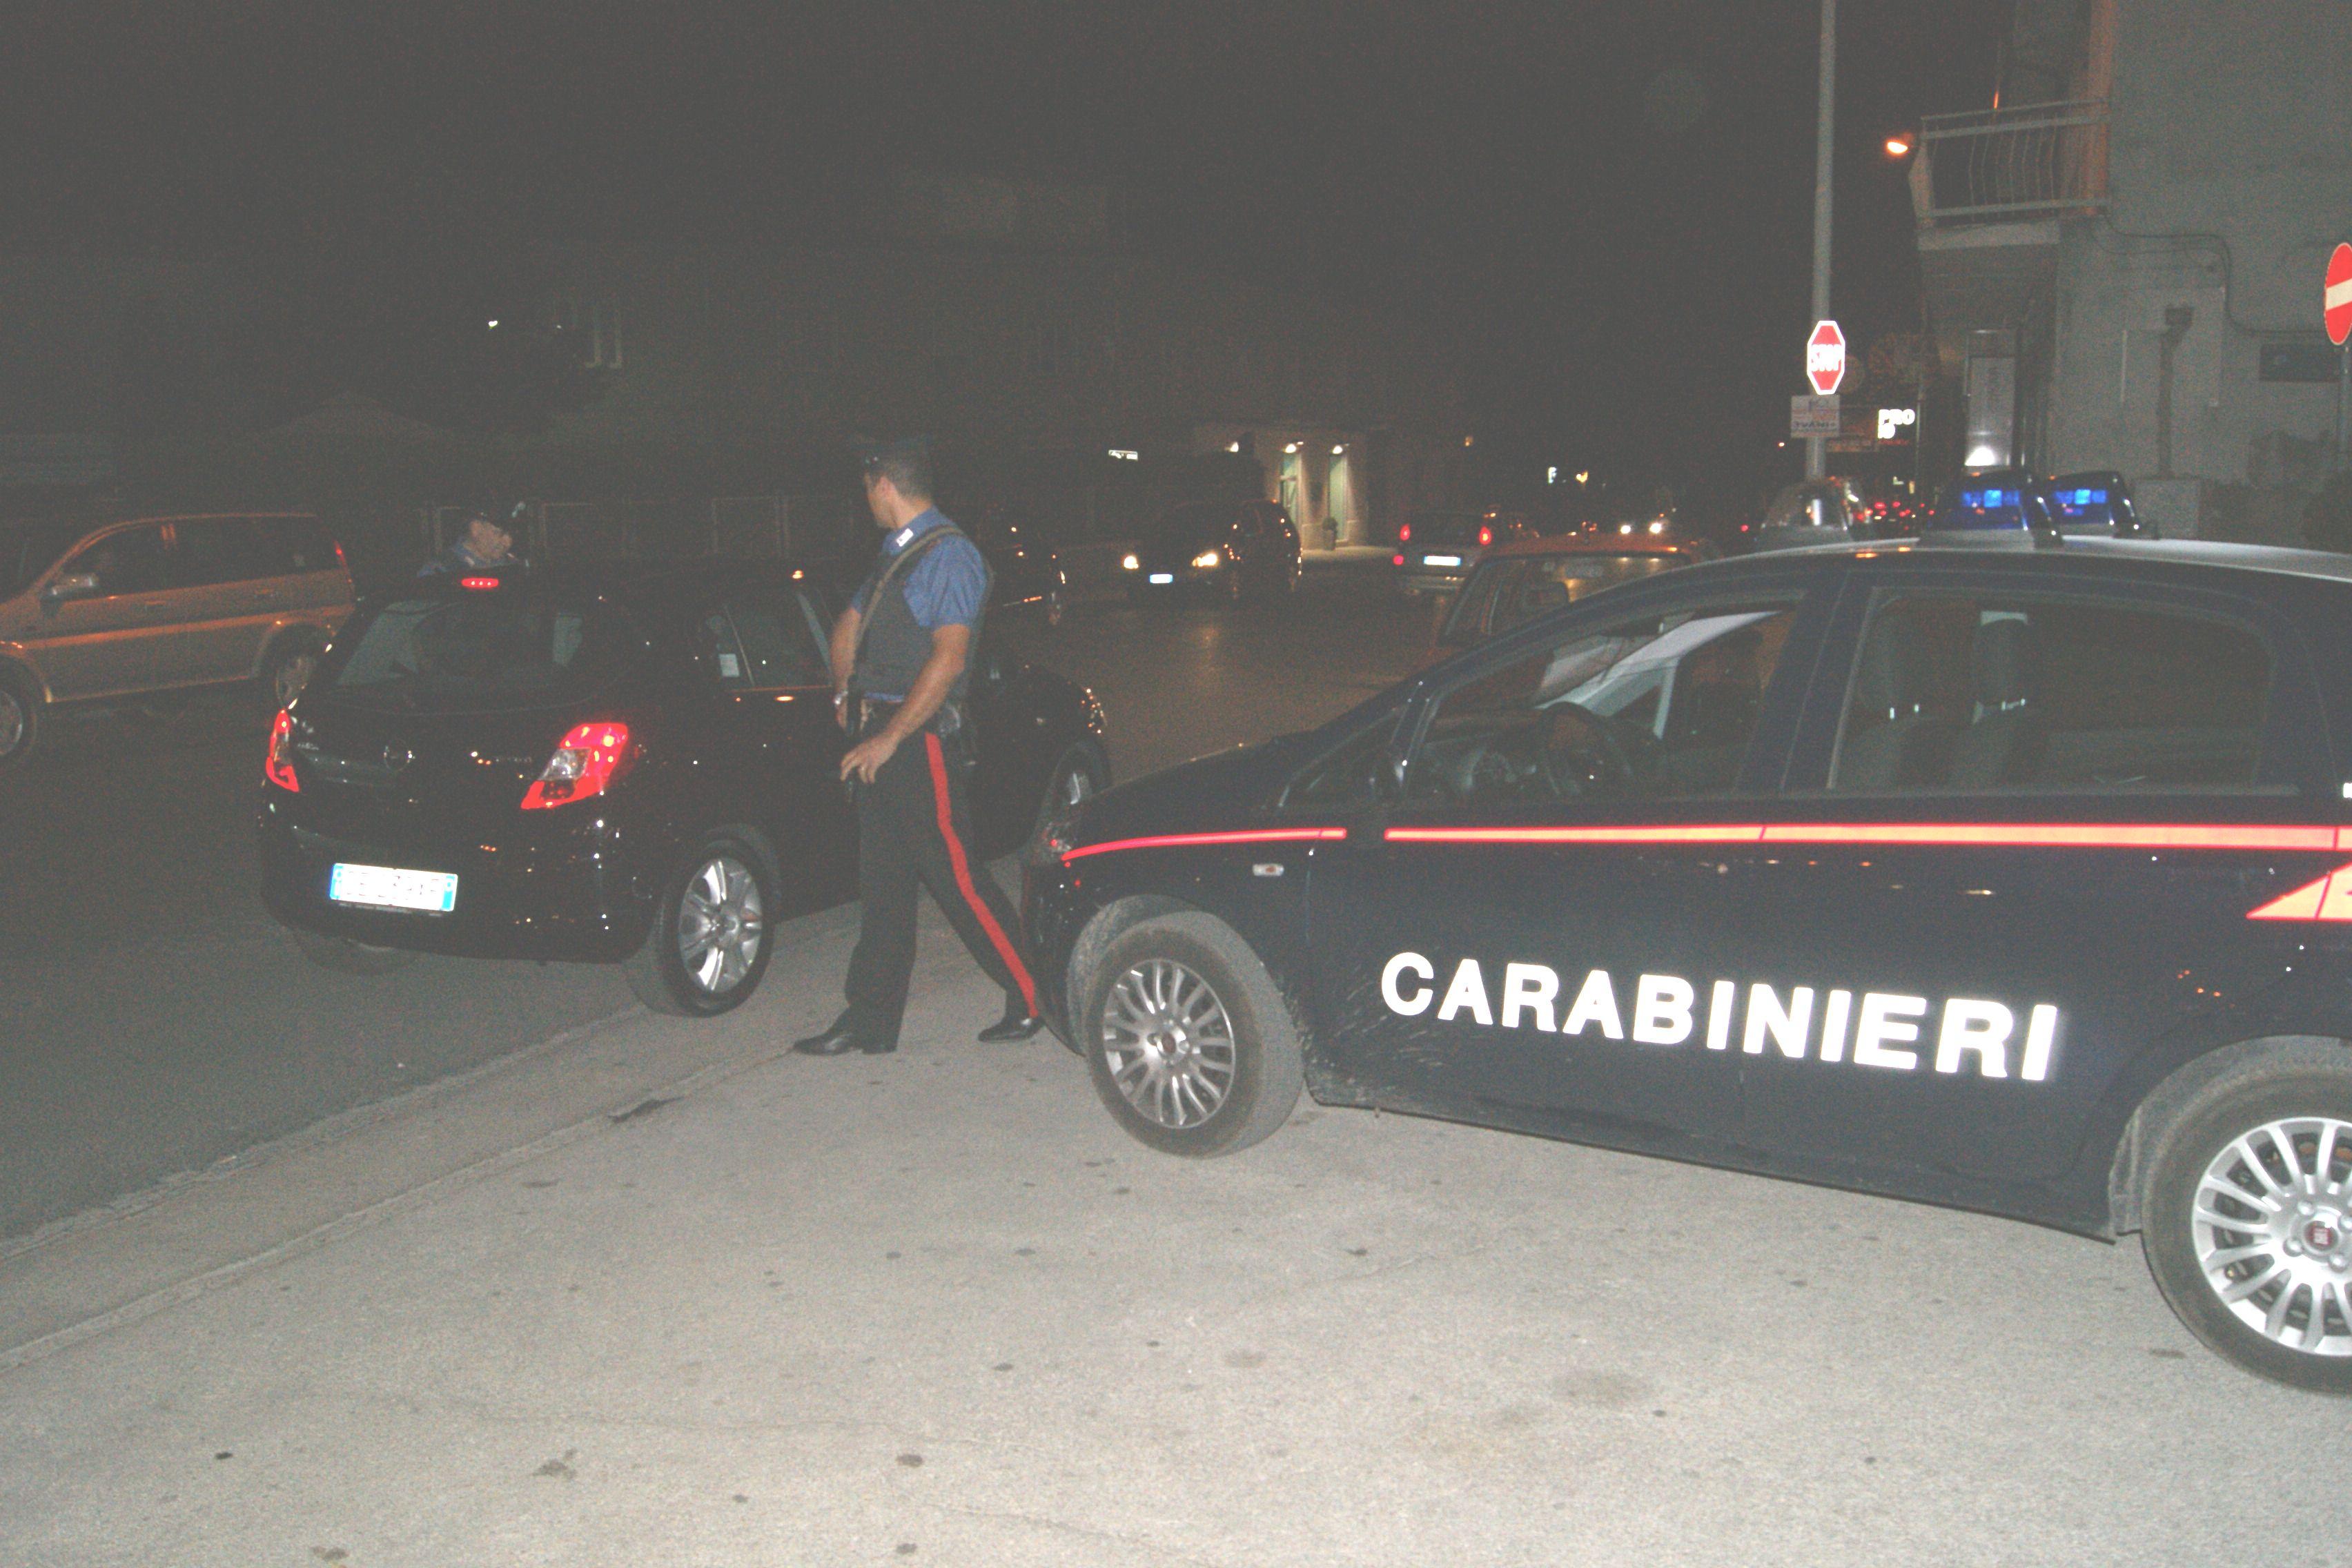 Carabinieri, controlli e denunce per contrastare l'illegalità